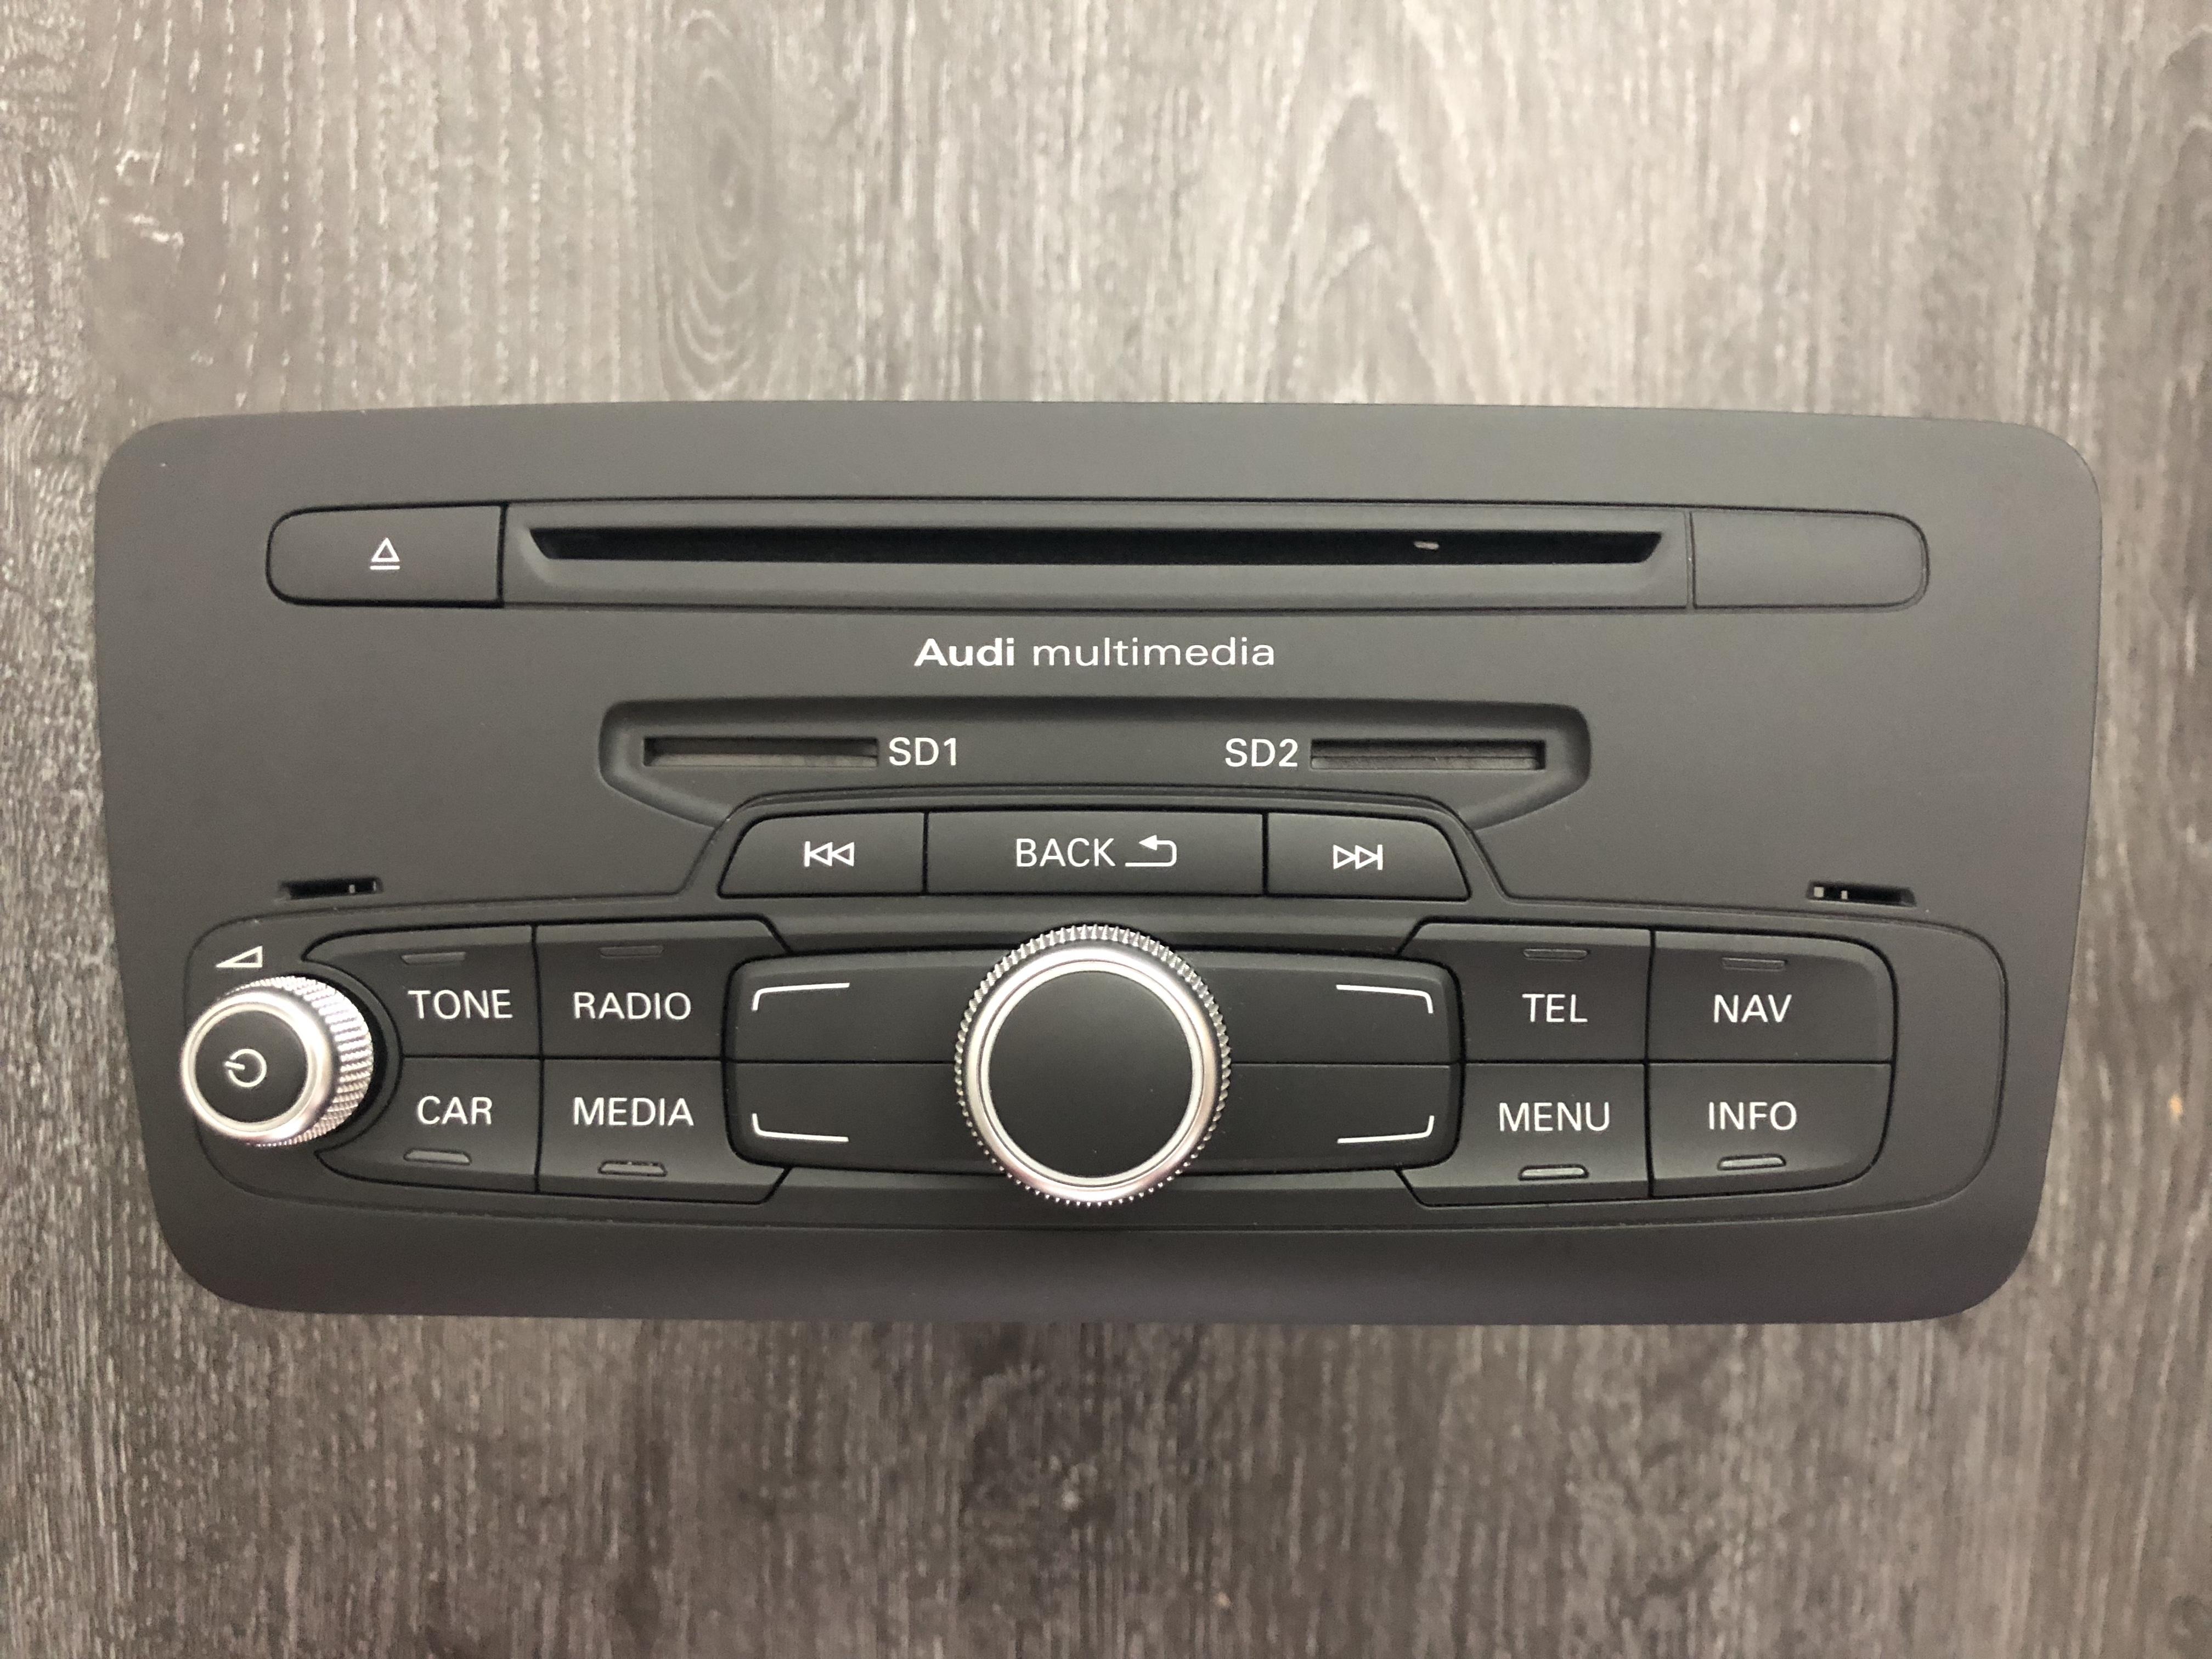 Reparatur Audi A1 Q3 8X0 / 8U0 RMC Cnct mit oder ohne Navi - Multimedia  mittlerer Drehknopf - OK-Bestätigungstaste defekt